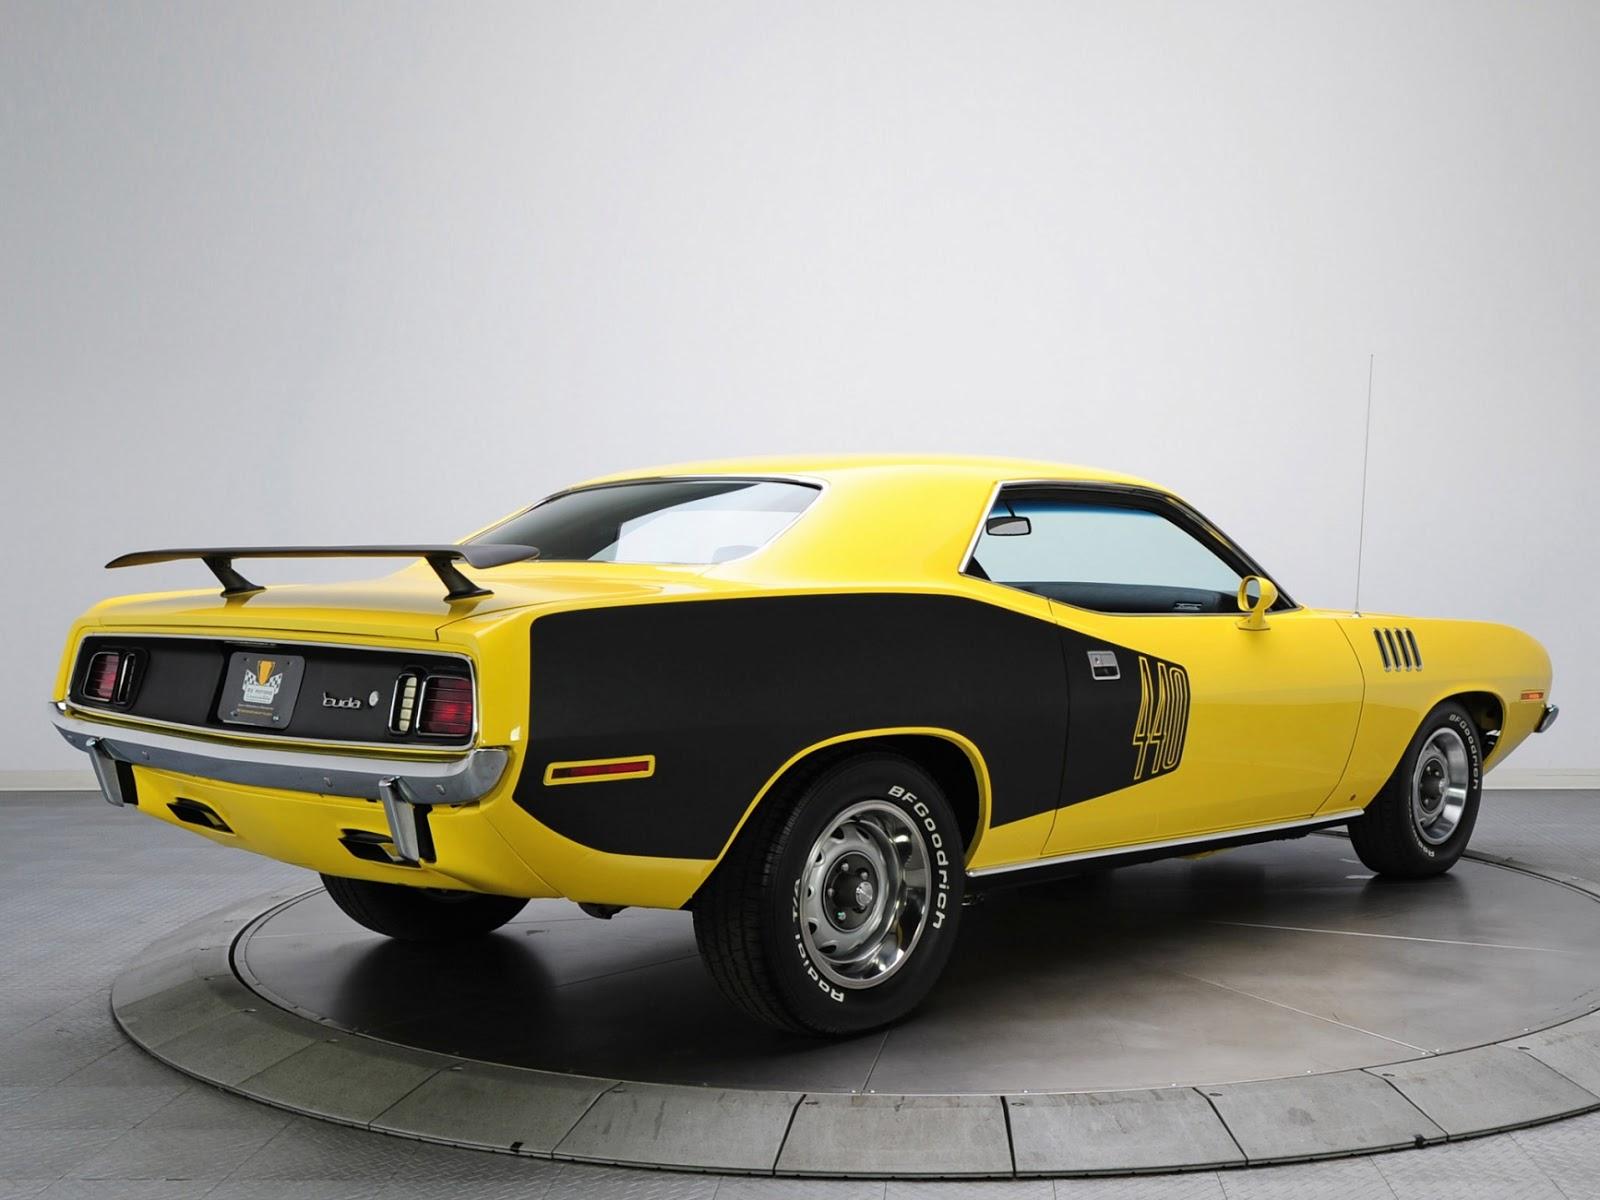 http://1.bp.blogspot.com/-CnewlzsFIg4/UZmXDr4ORYI/AAAAAAAAN8I/ytsUdNfmT88/s1600/PLYMOUTH-CUDA-440-muscle-cars-31755583-1734-1301.jpg